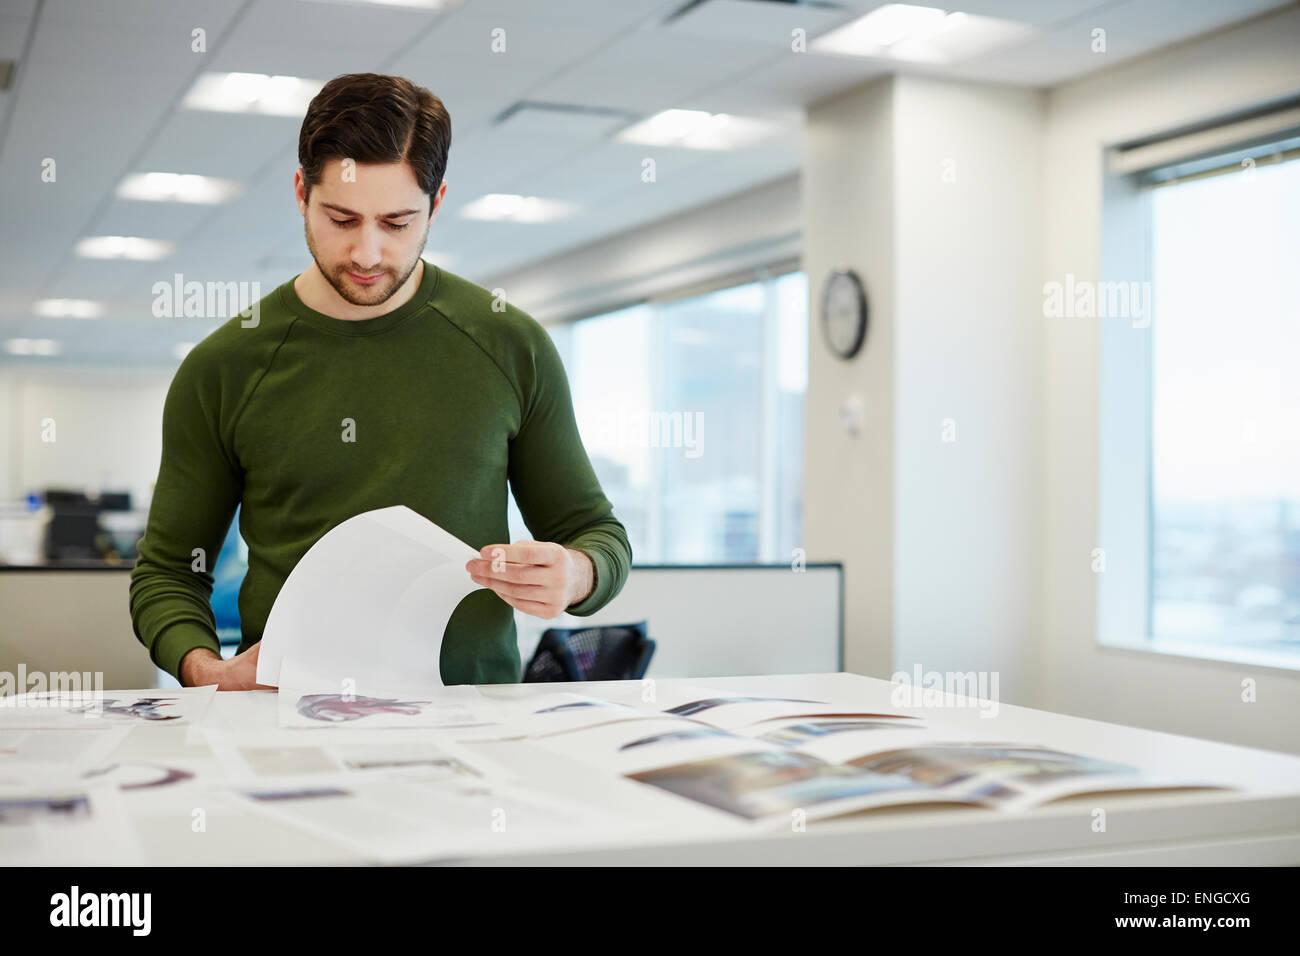 Ein Mann in einem Büro Überprüfung Beweise der gedruckten Seiten. Stockbild